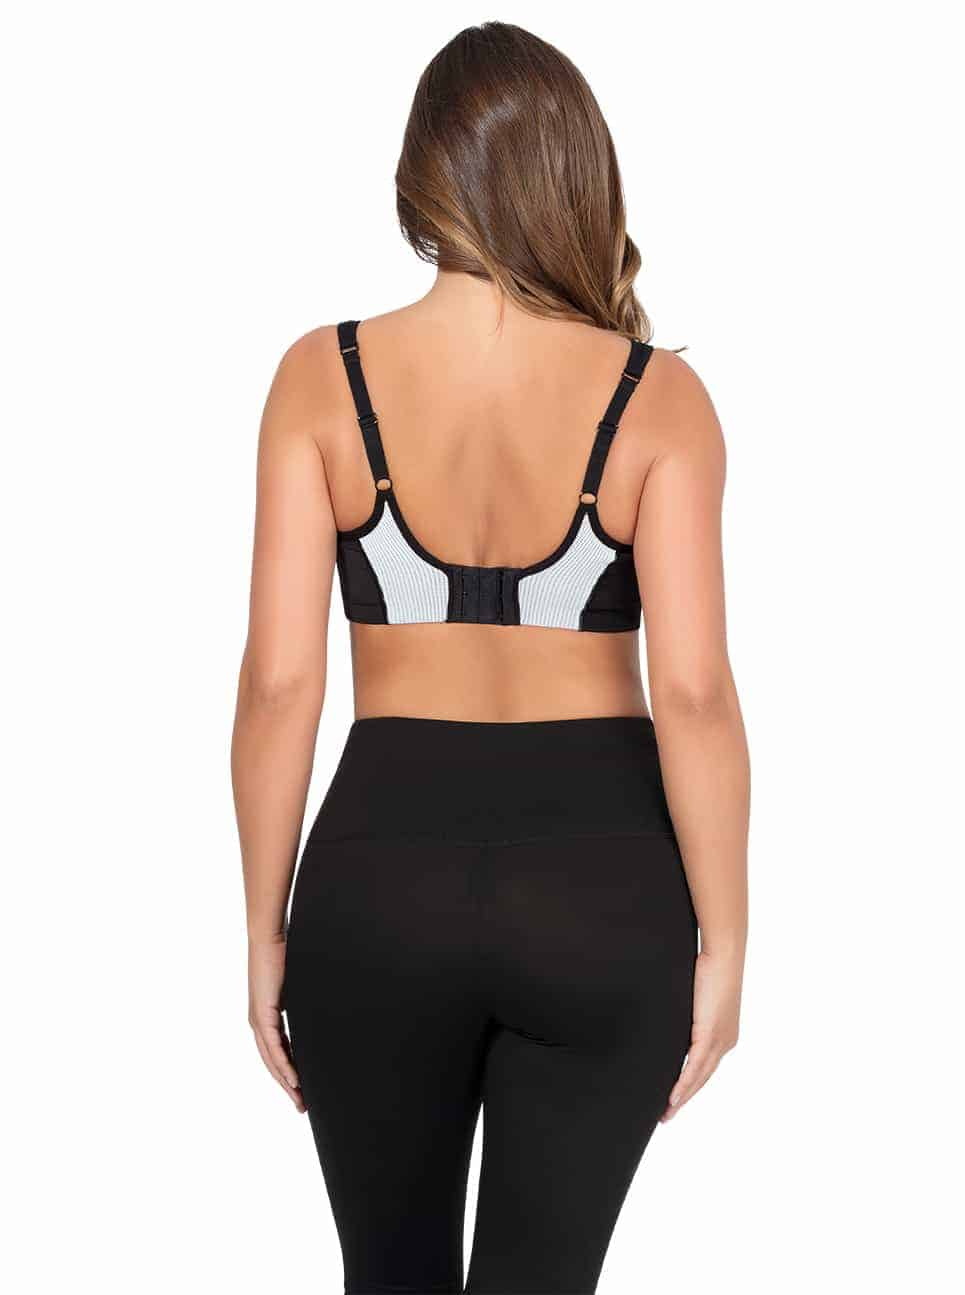 ParfaitActive SportsBraP5541 Black Back - Parfait Active Sports Bra - Black - P5541